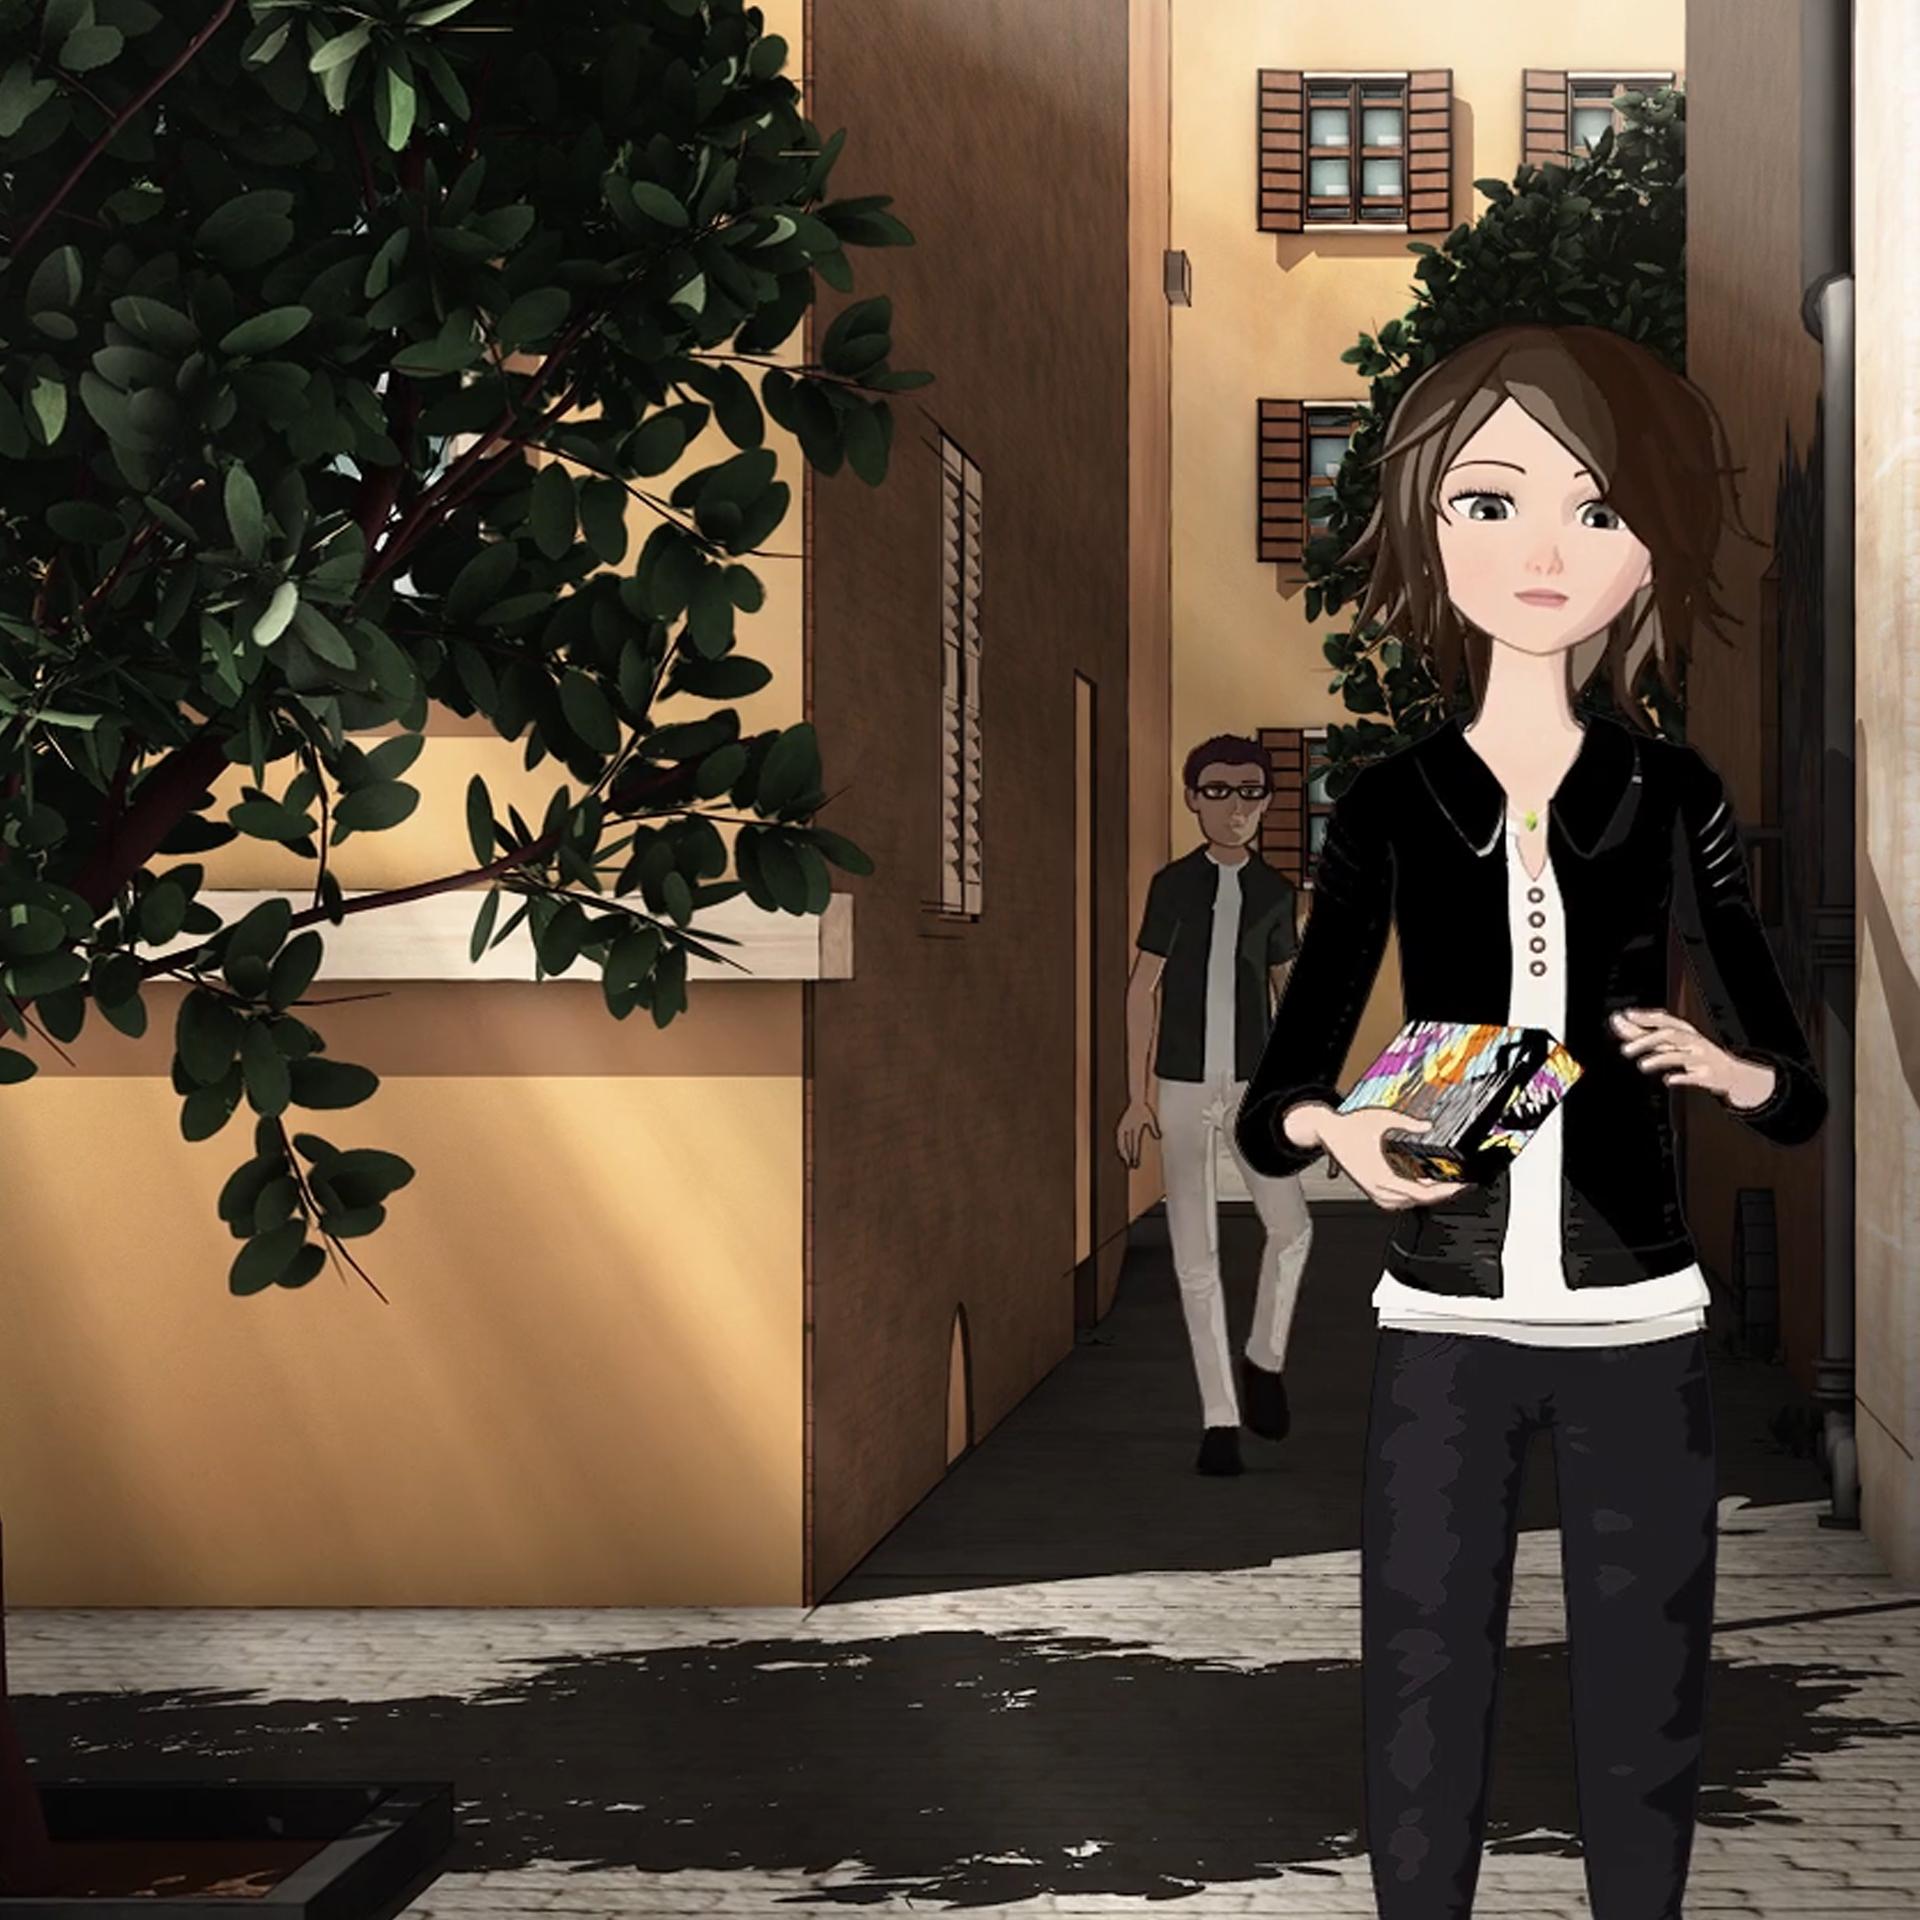 3D still of woman in alleyway